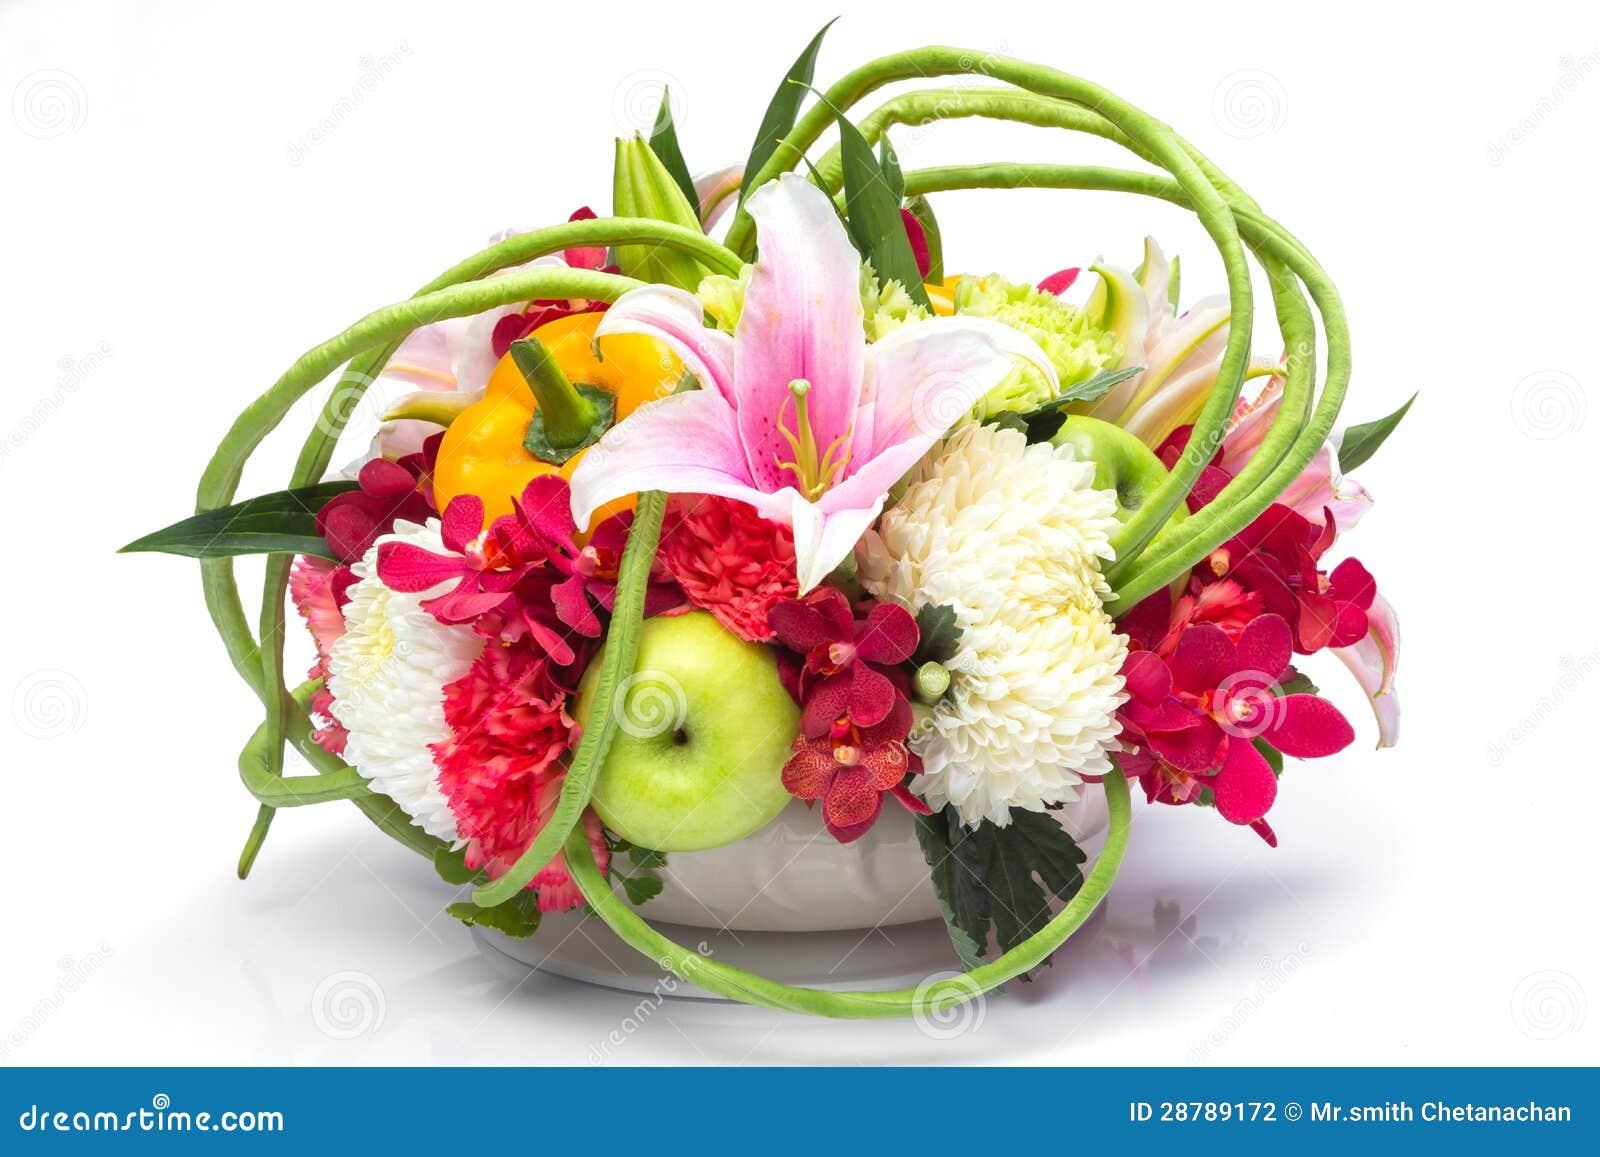 bouquet de fruit et de fleur photo stock image du haricot bouquet 28789172. Black Bedroom Furniture Sets. Home Design Ideas